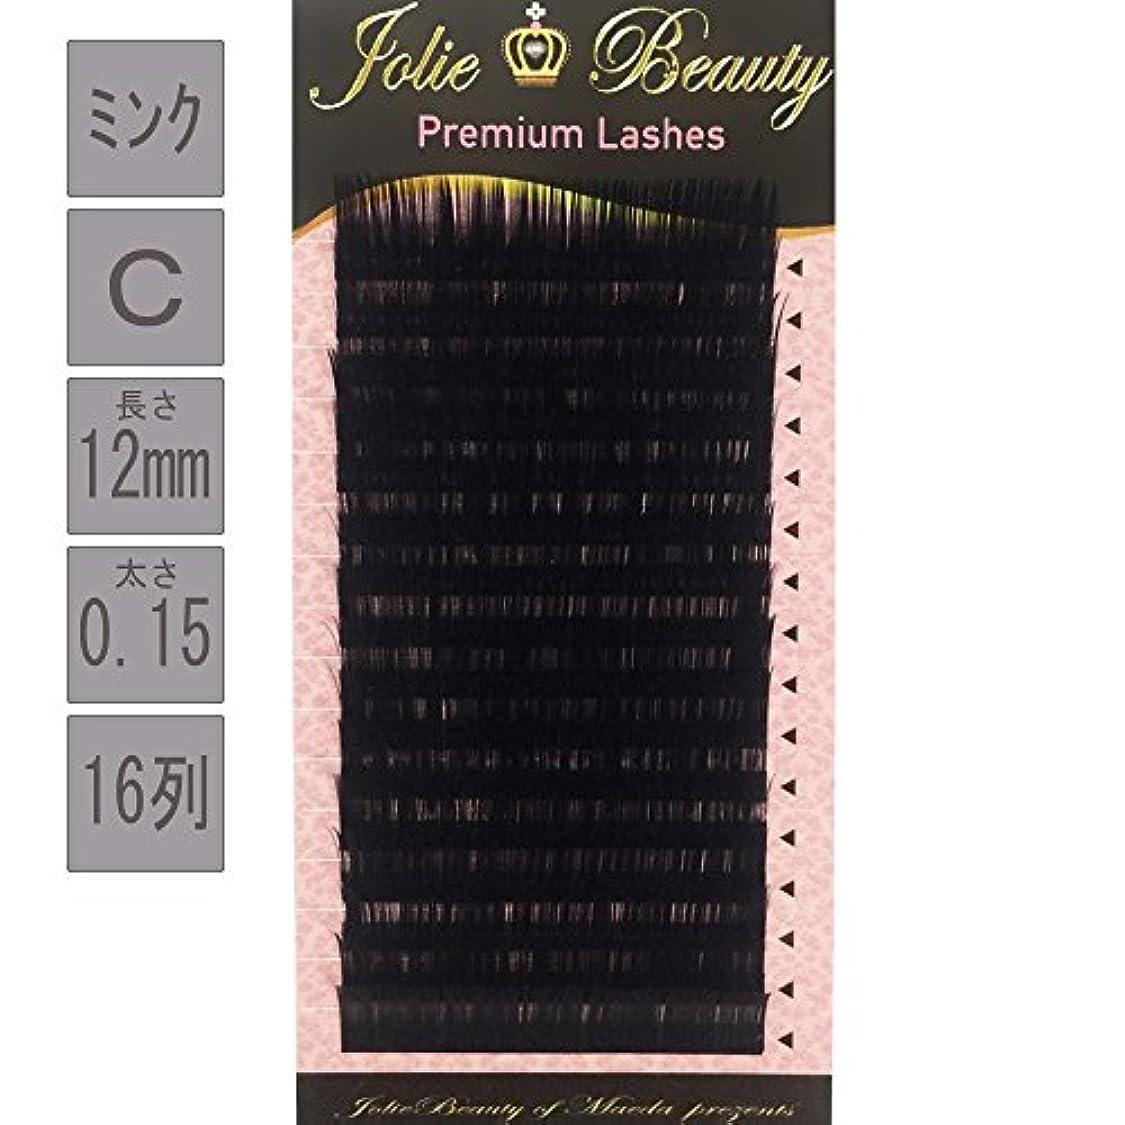 ミンチロードされた一時的まつ毛 エクステ 長さ 12mm ( 12ミリ ) 太さ 0.10 0.15 0.18 0.20 0.25 MINK ( ミンク ) 原産国 韓国 (0.15, C) 16列